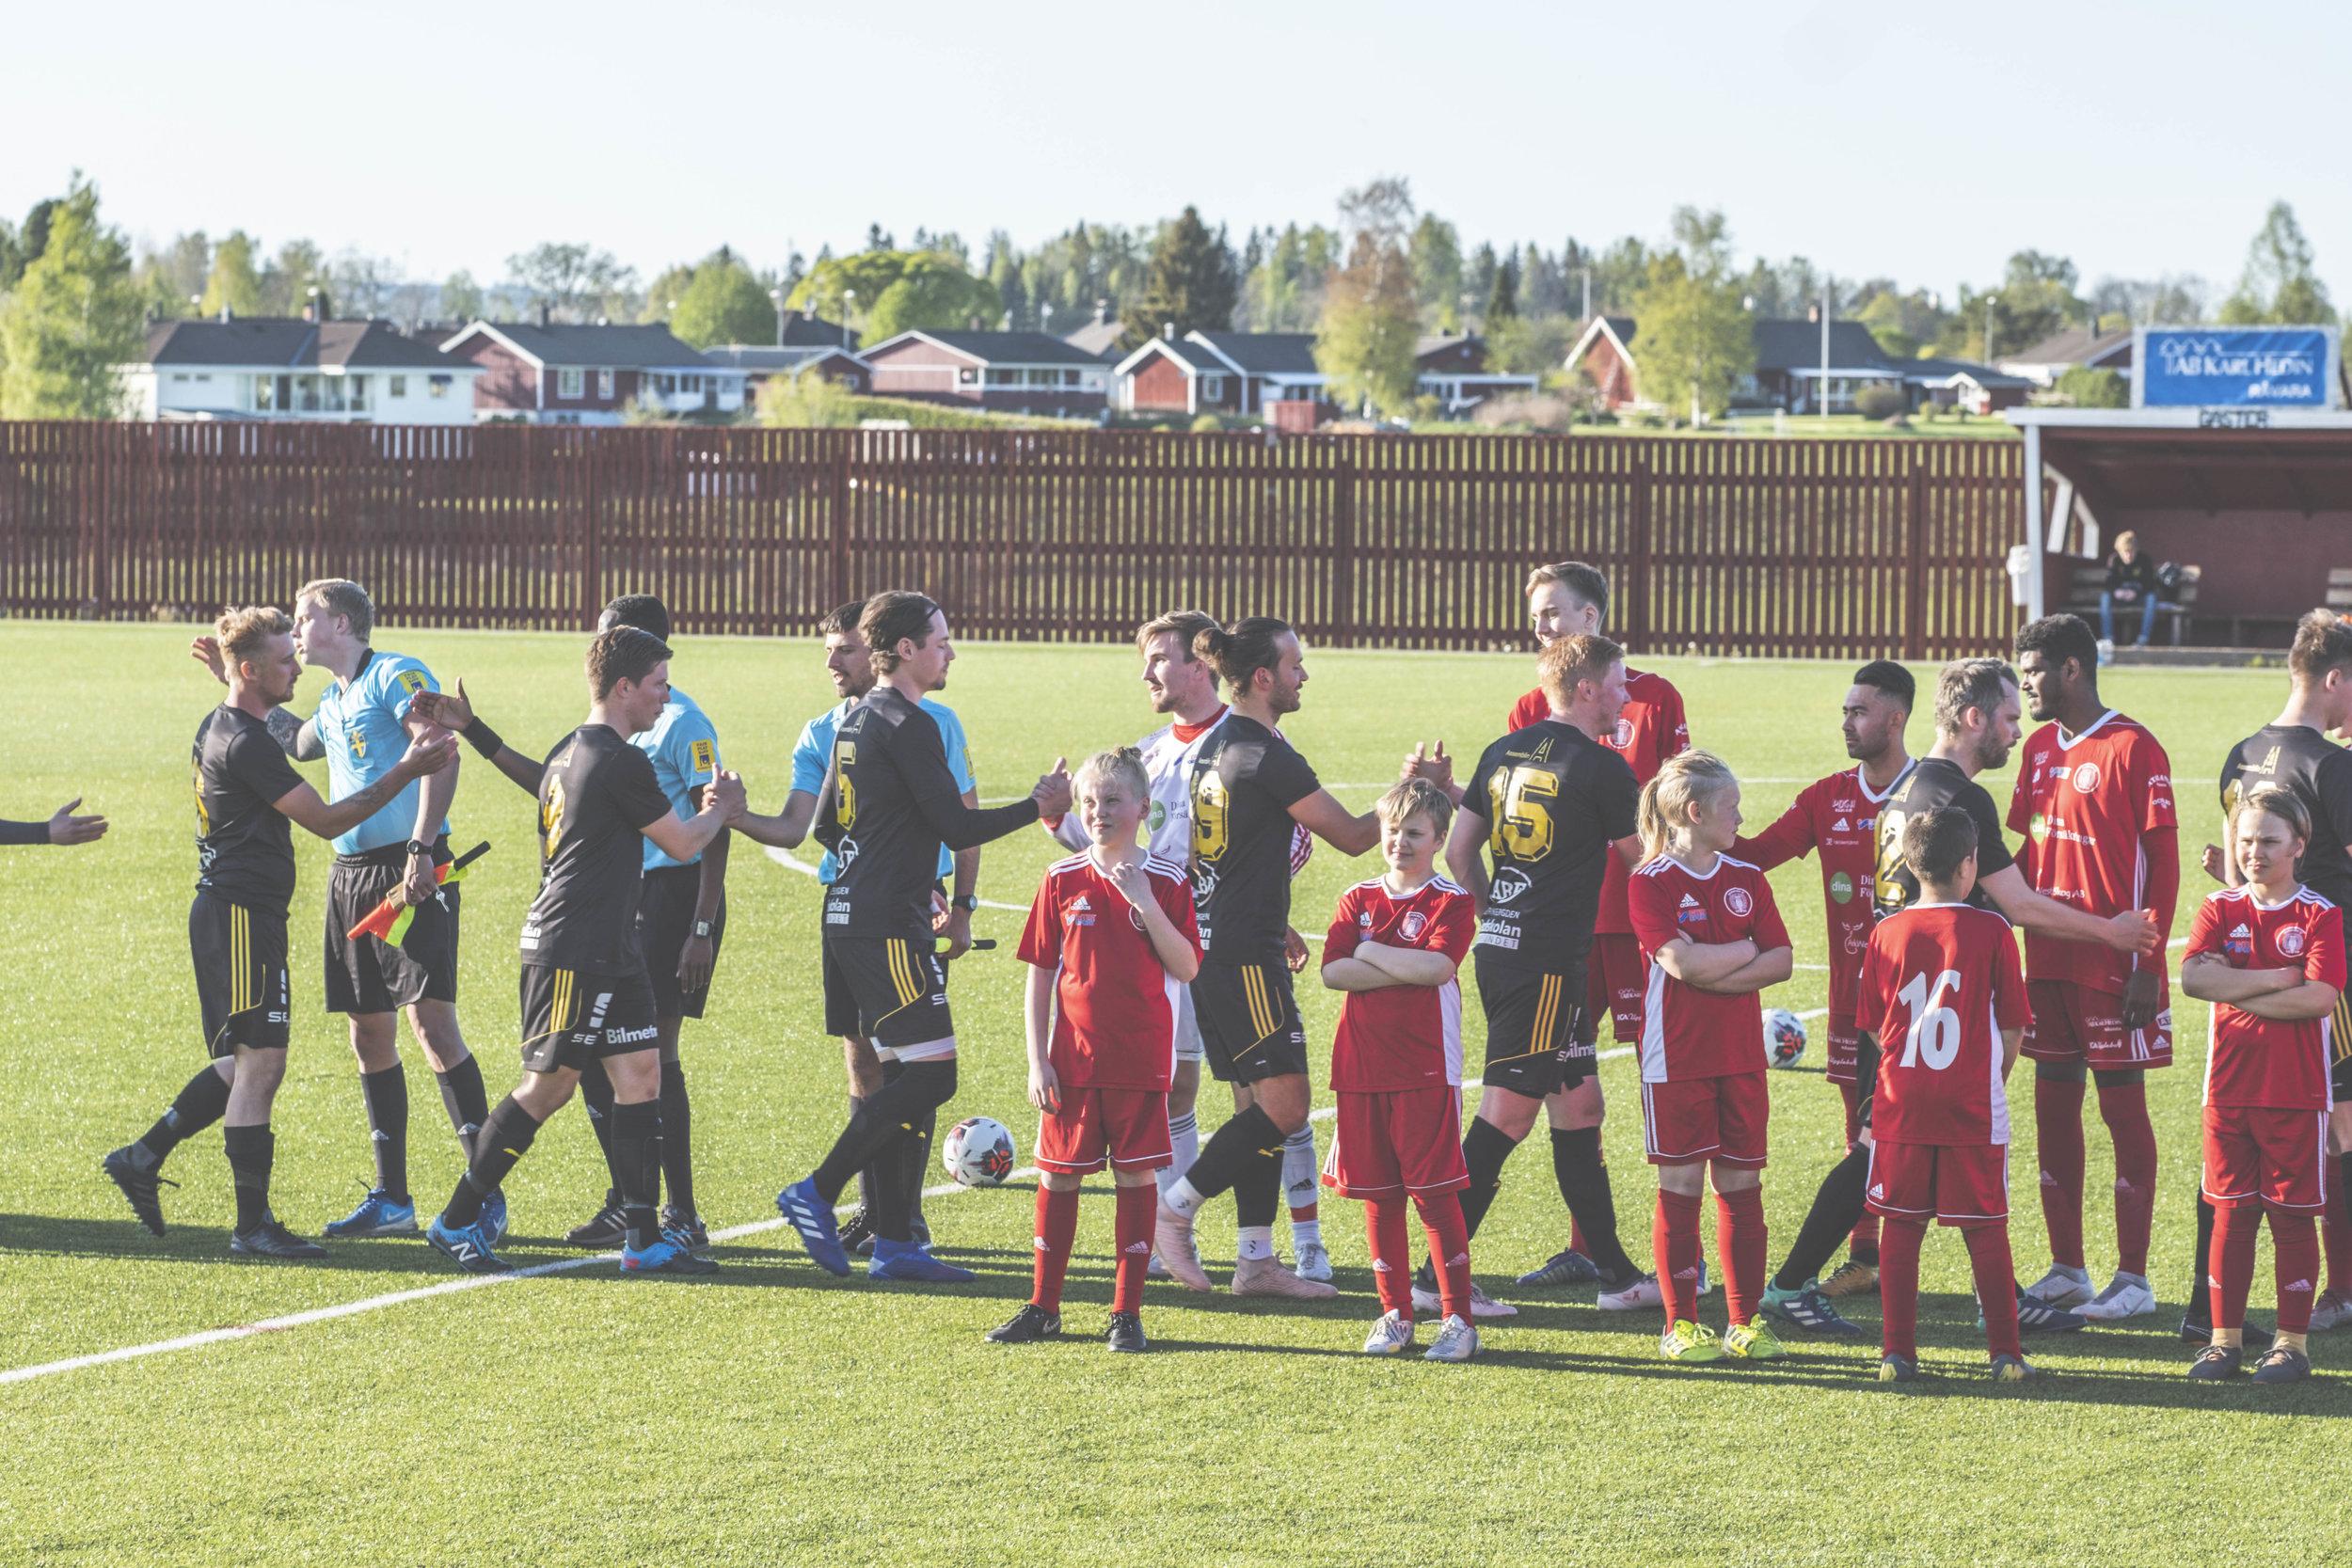 fotboll-v22-2019-0857.jpg